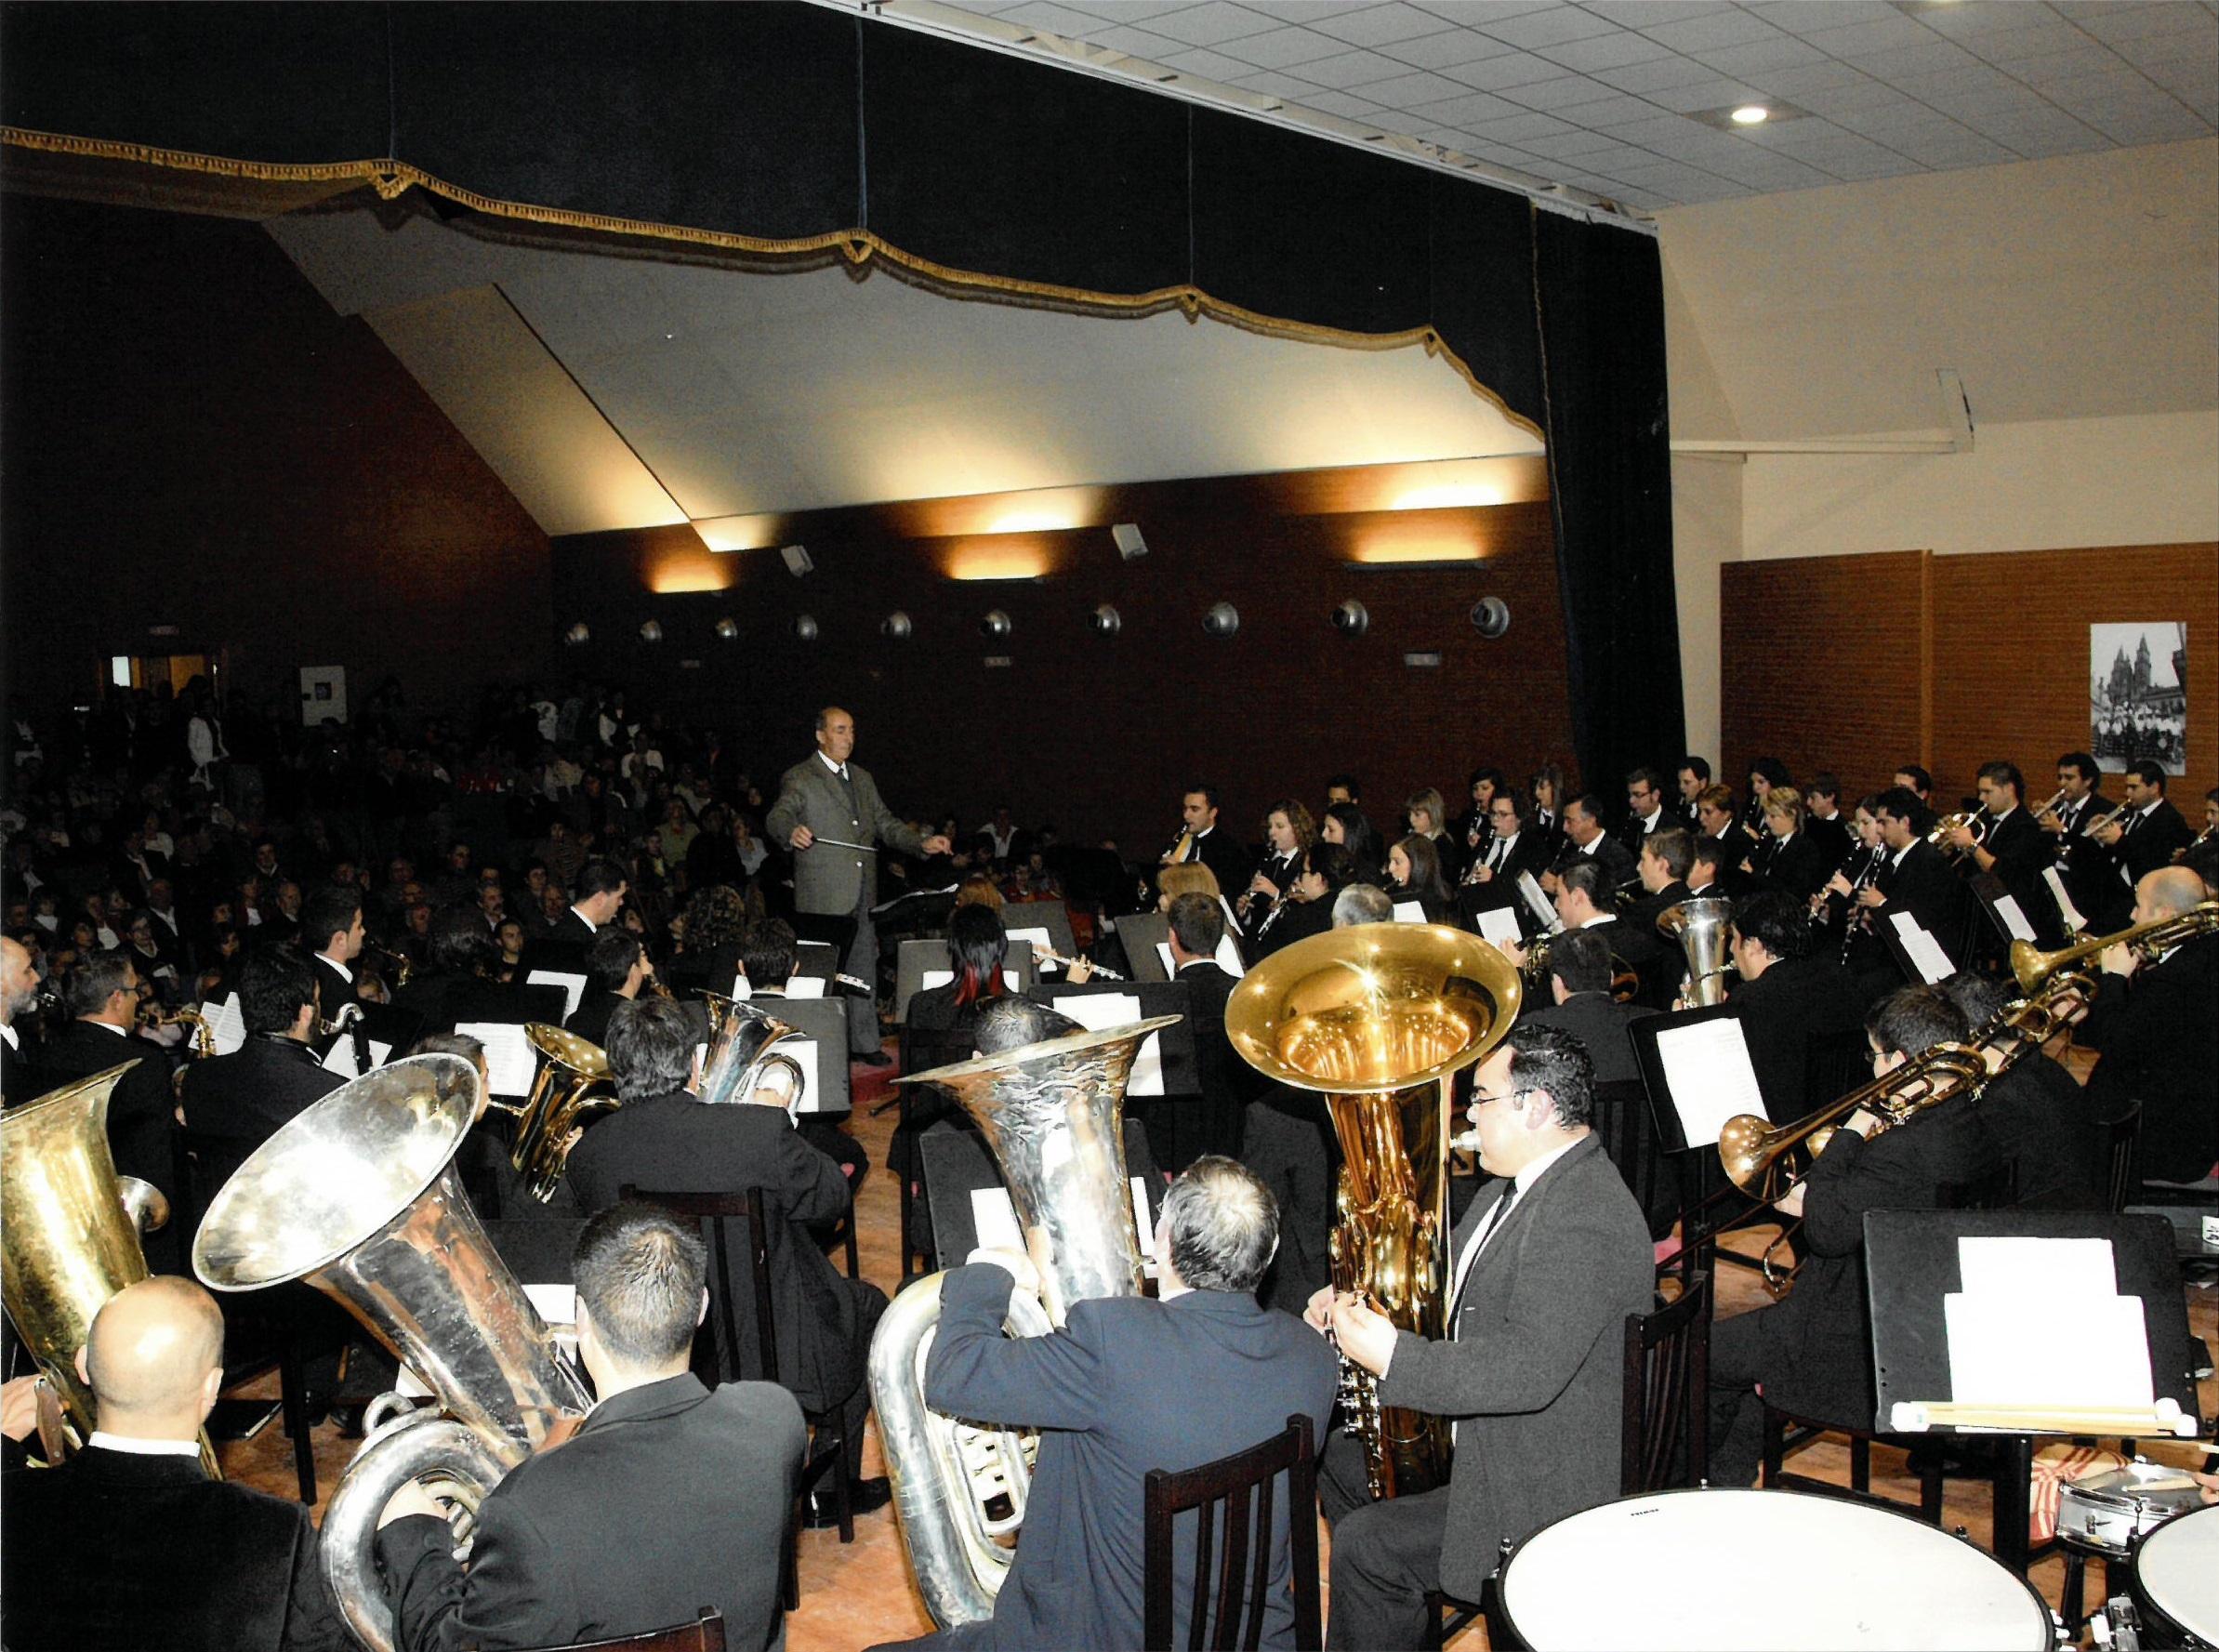 concerto-25-aniversario-banda-27-10-2007-015